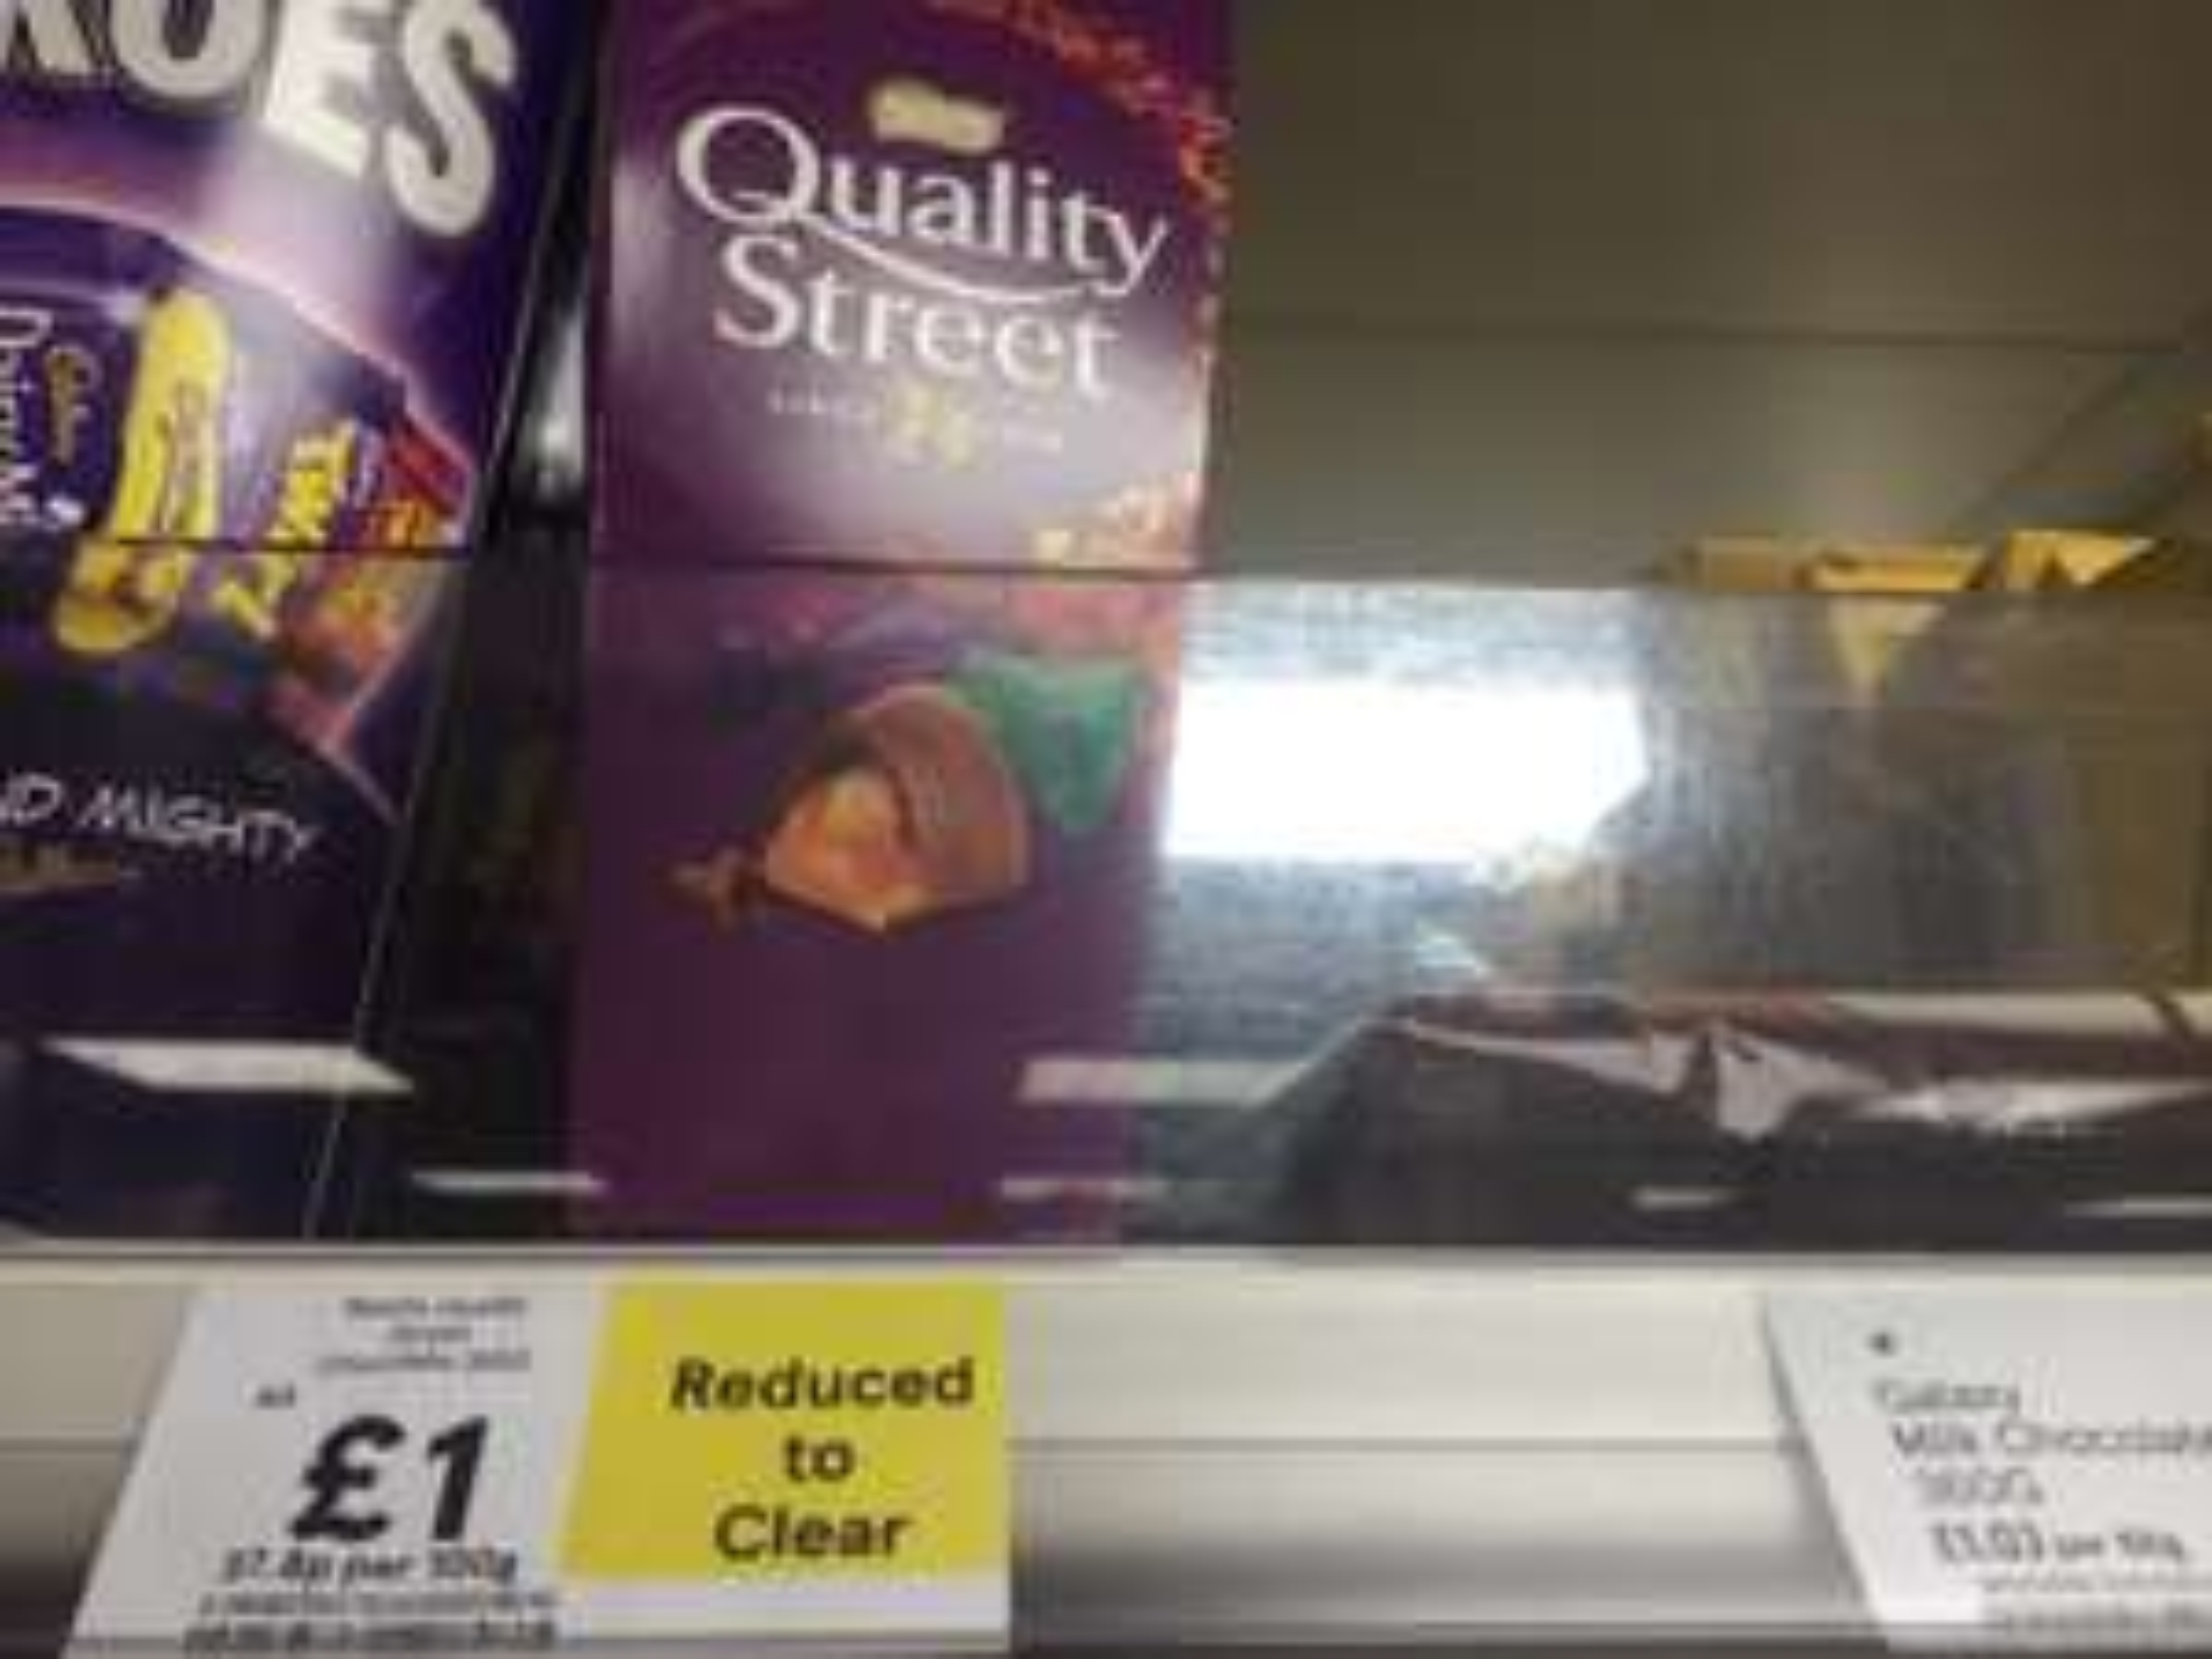 Quality Street £1 Hounslow Wellington Road Tesco